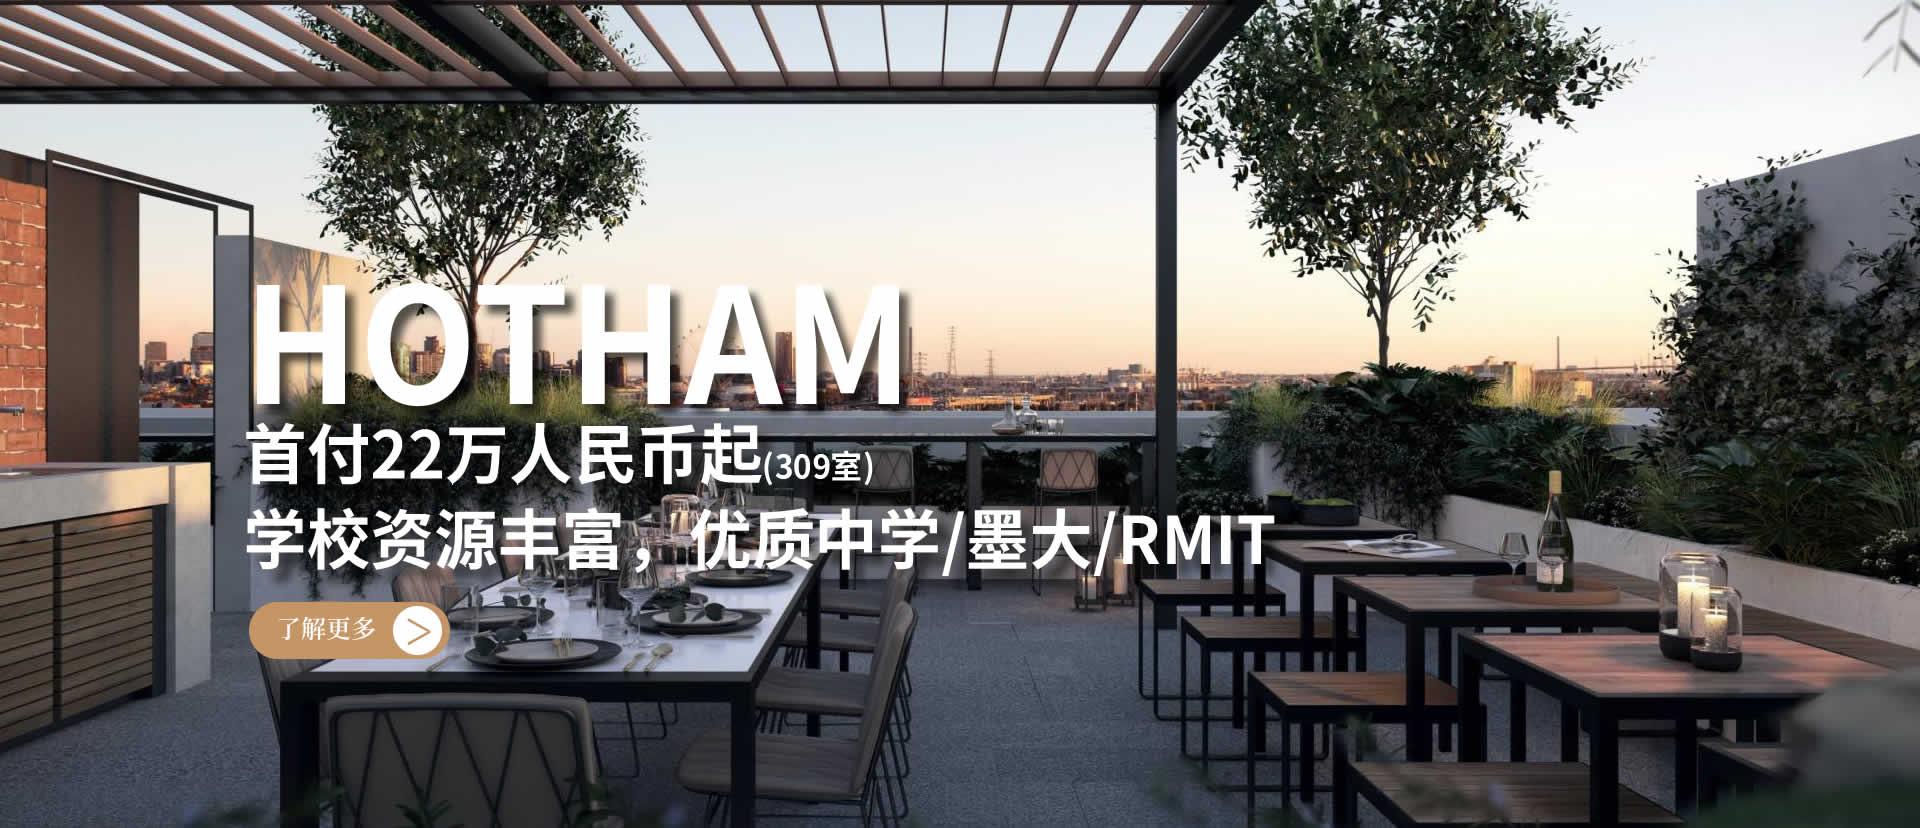 澳大利亚房产墨尔本公寓hotham